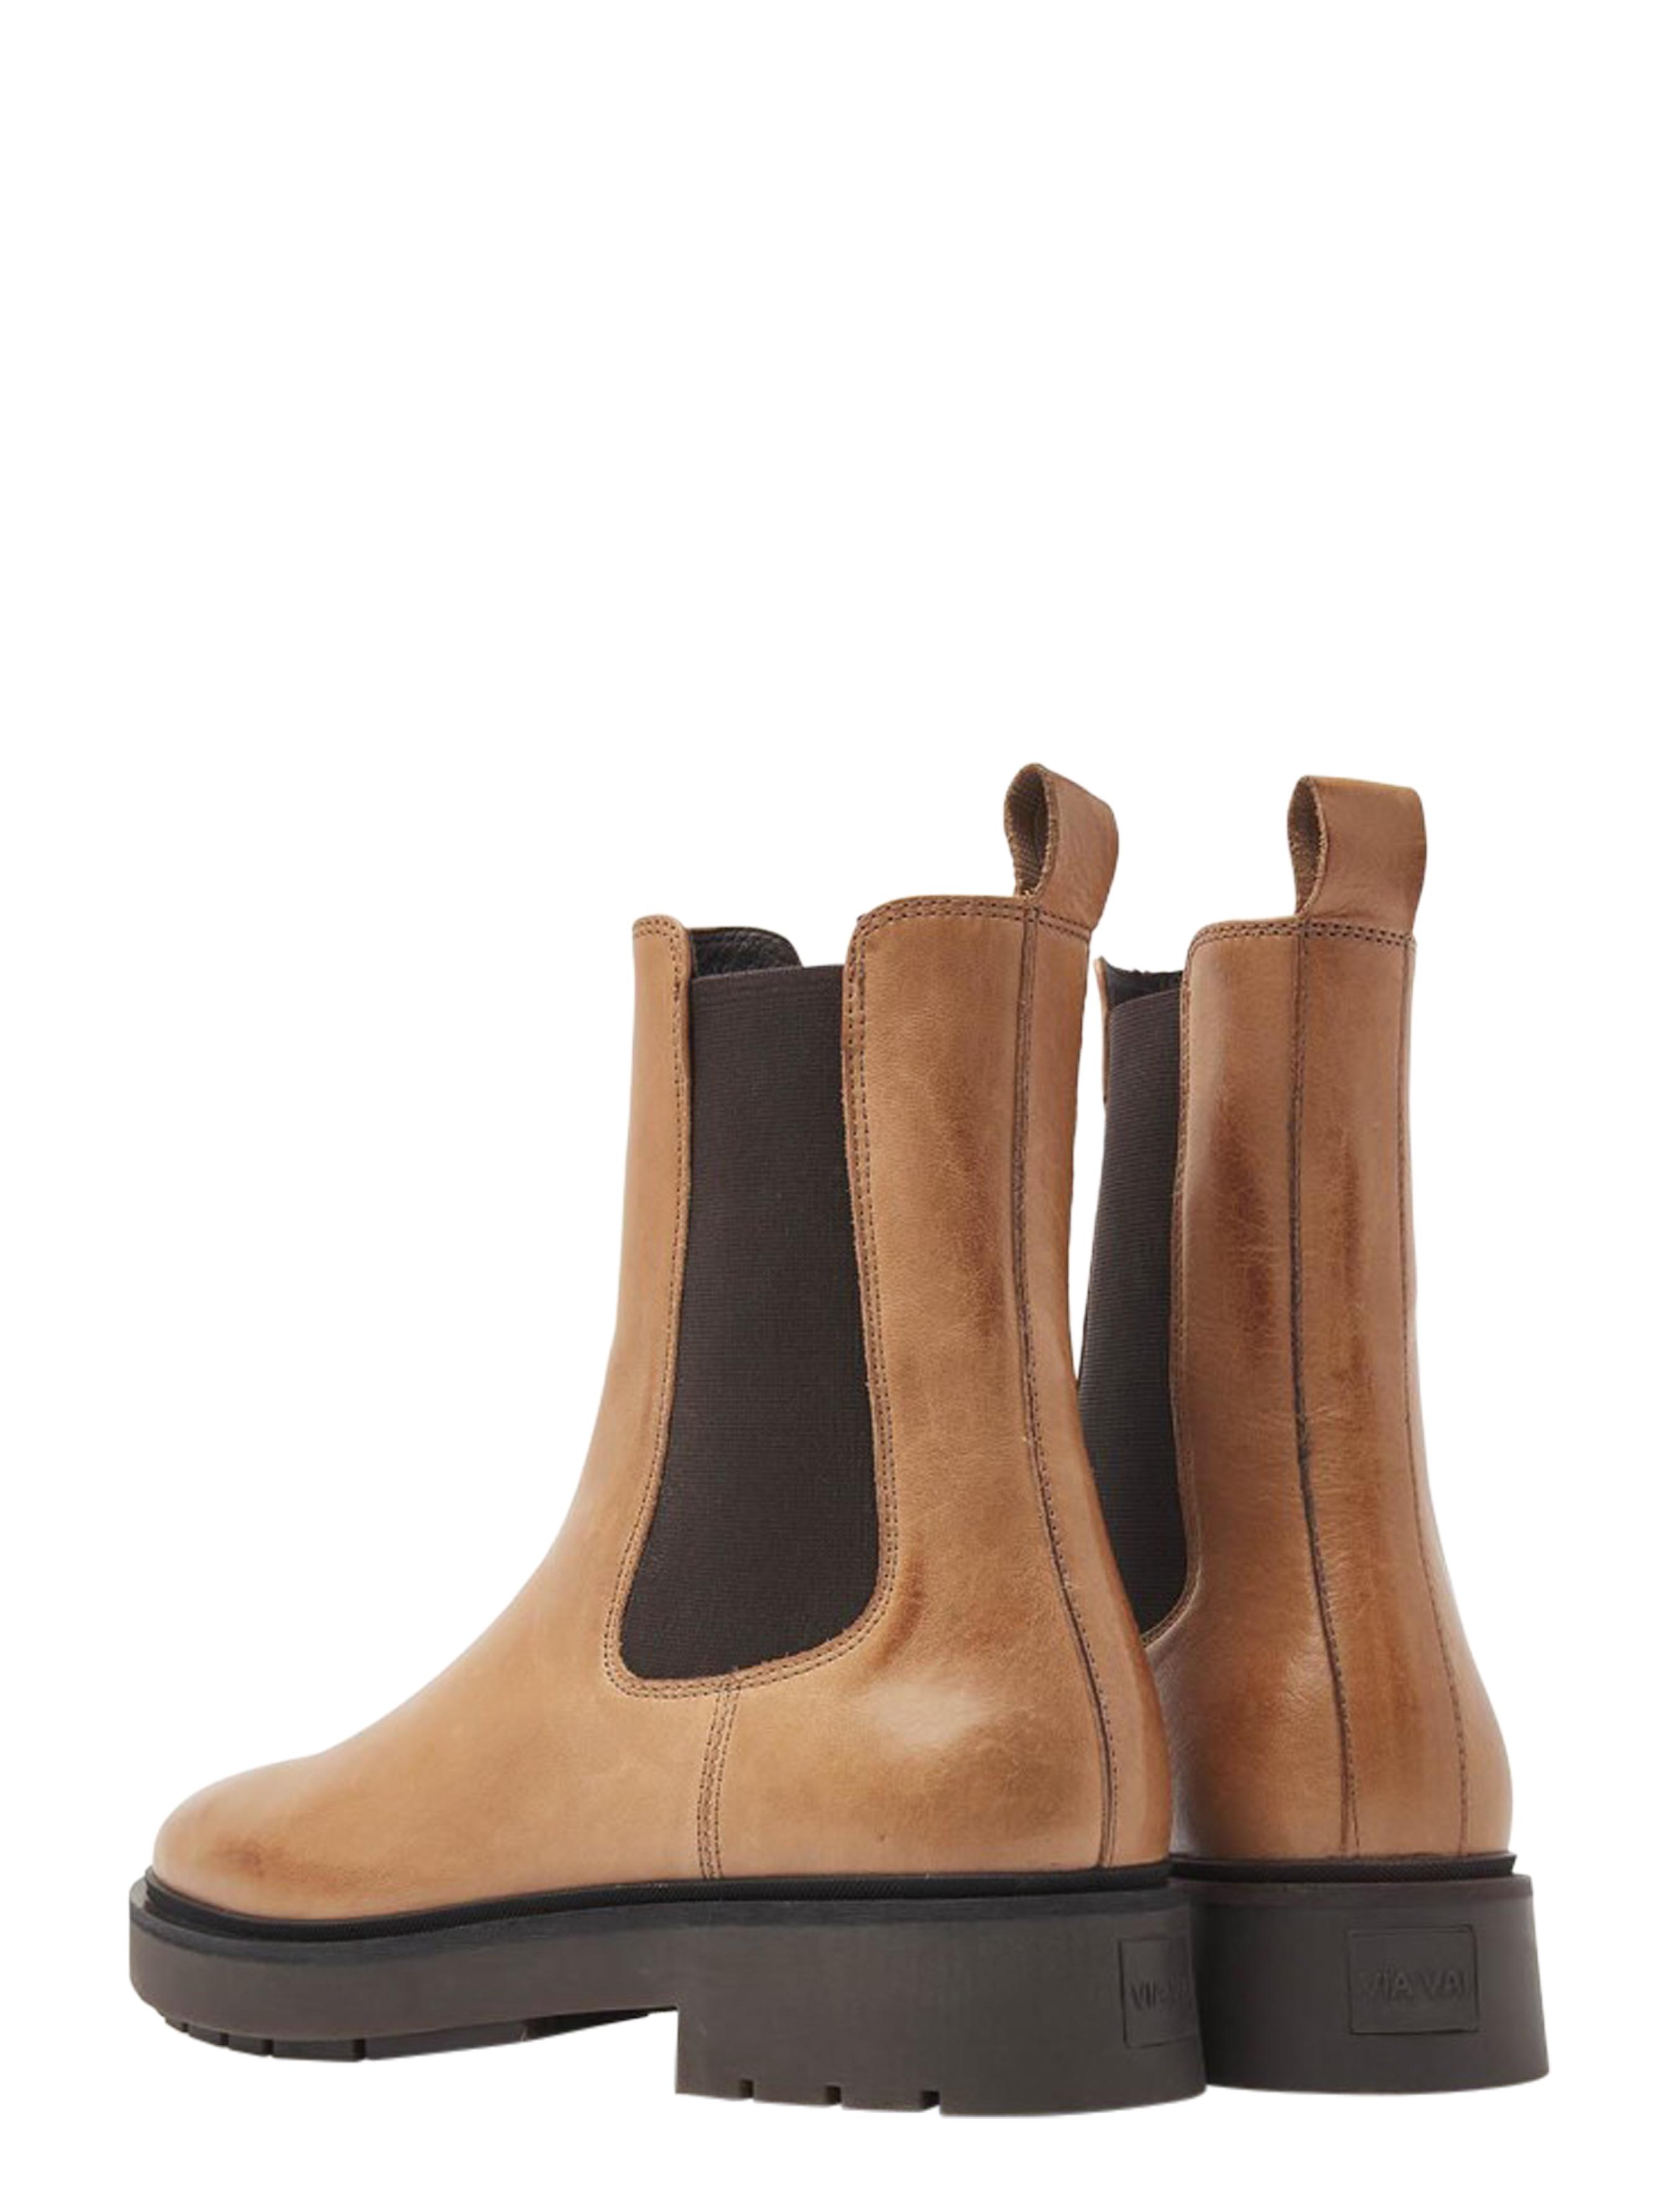 VIA VAI 57123 Alexis Zarah Elastico Contrast Encina Boots